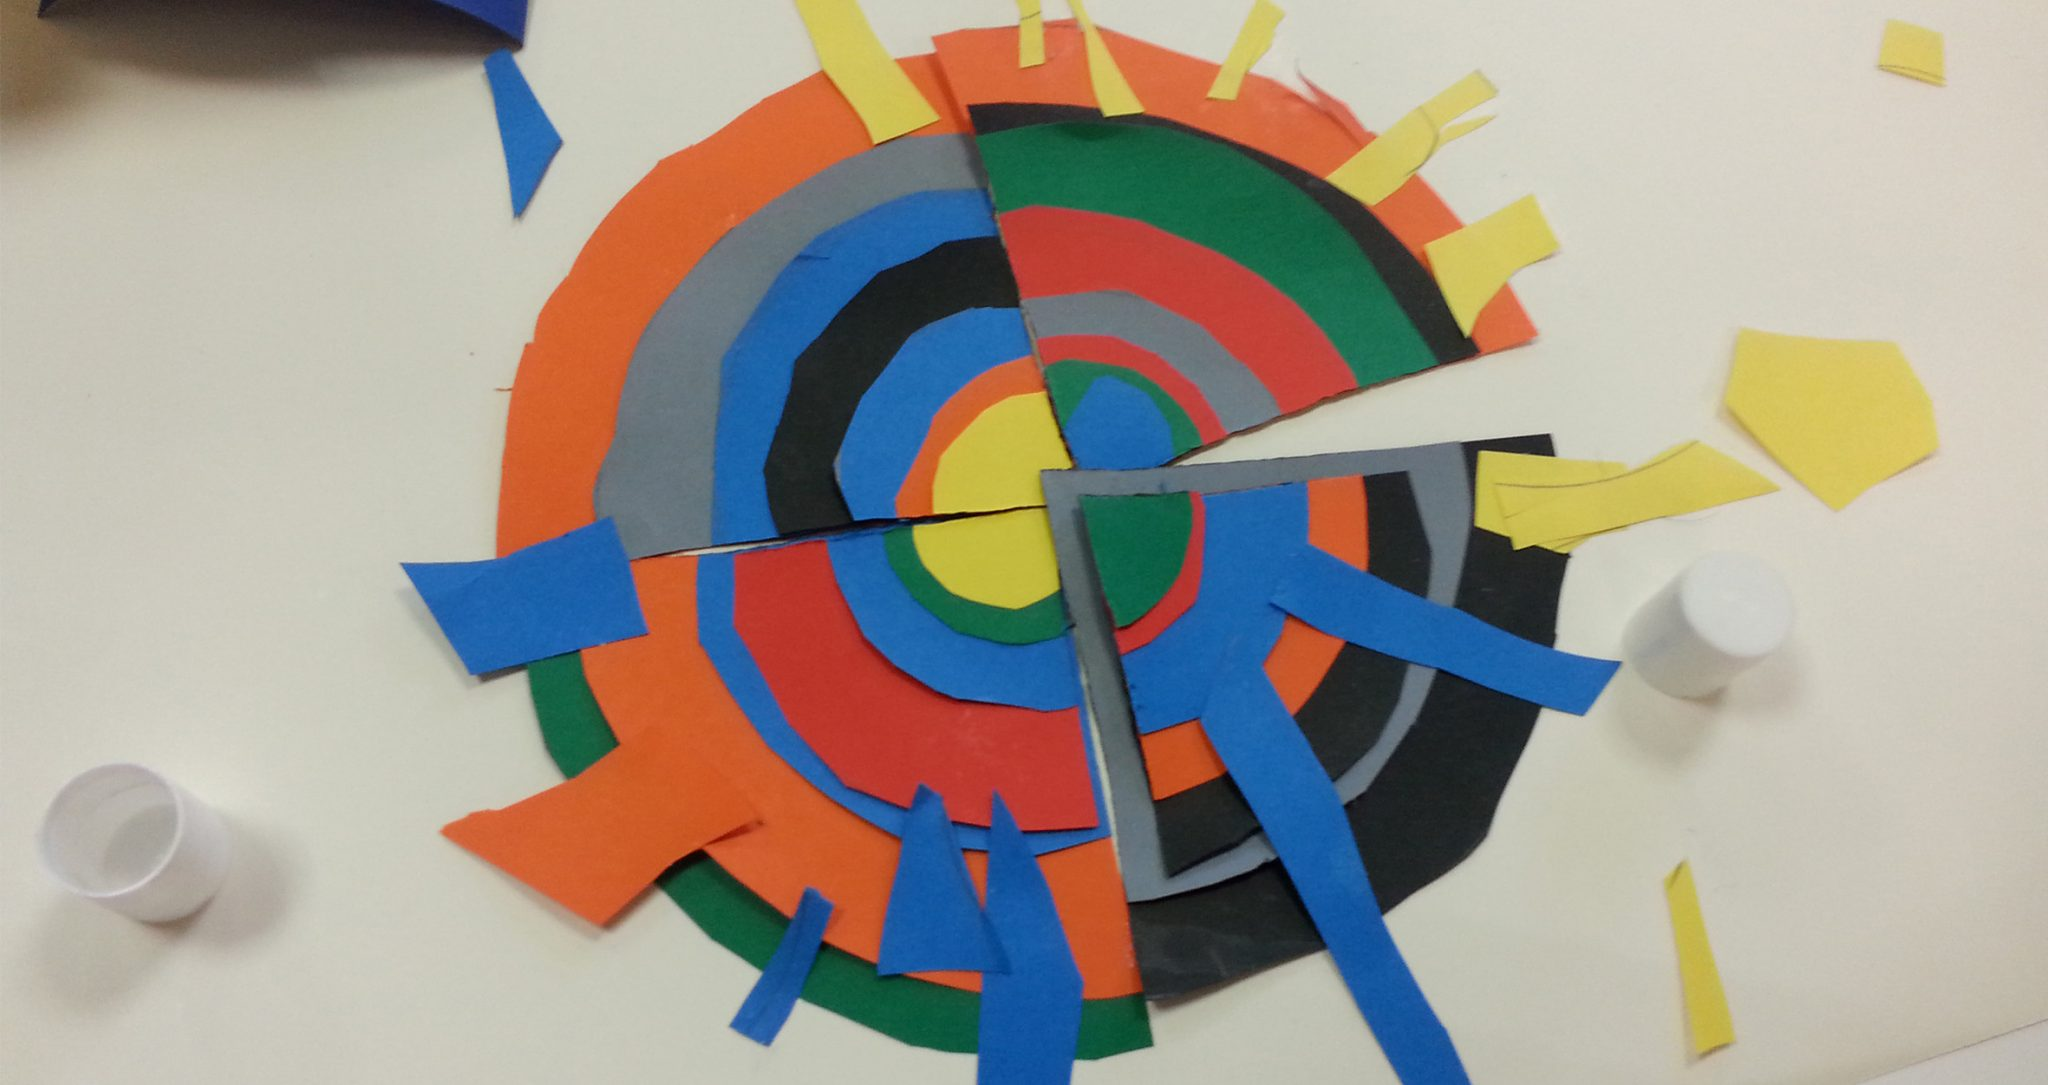 Atelier Delaunay